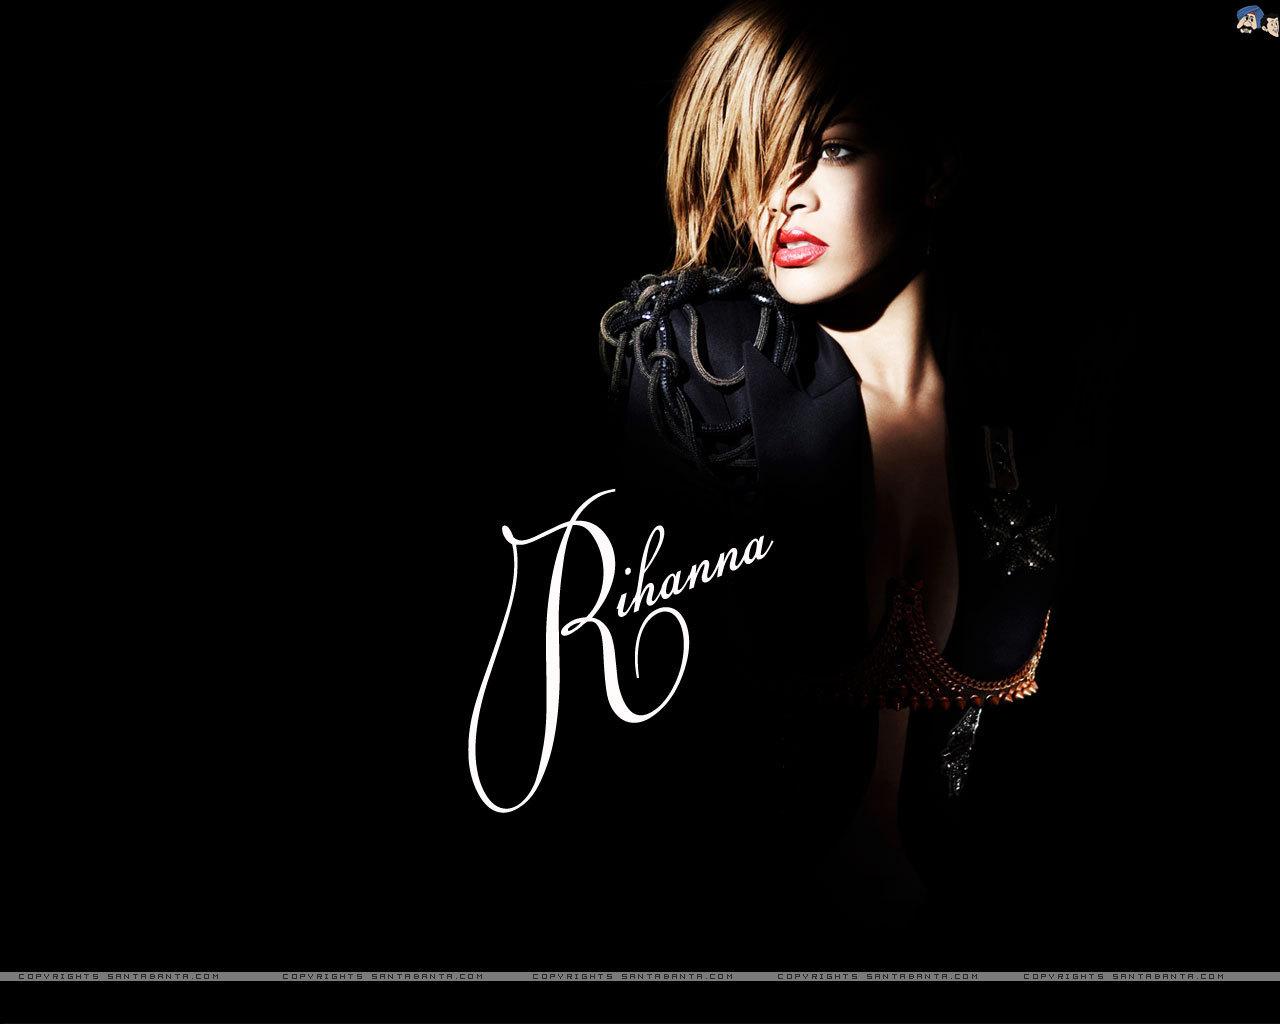 Rihanna rihanna